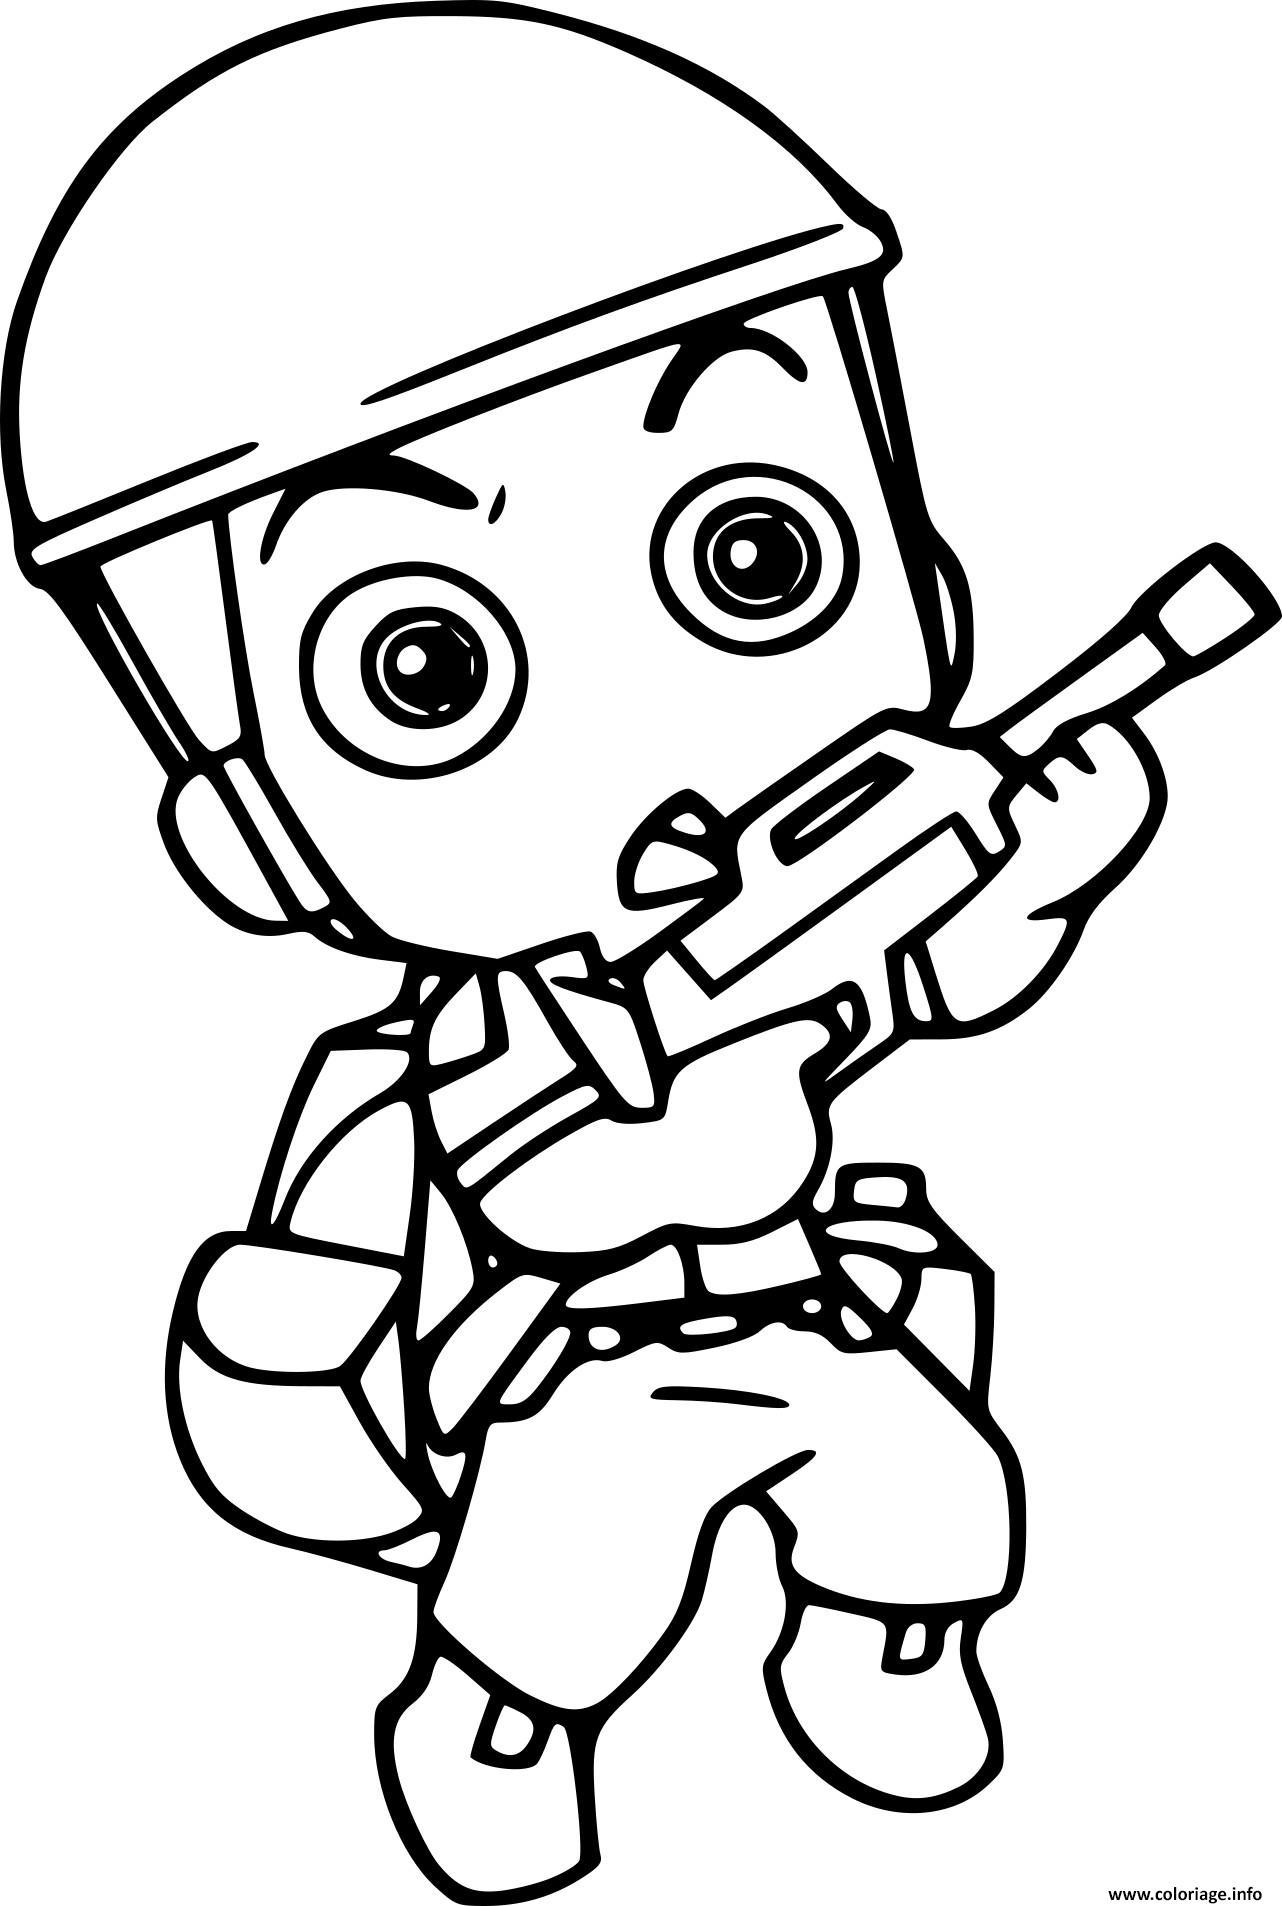 Dessin mini soldat militaire avec arme Coloriage Gratuit à Imprimer